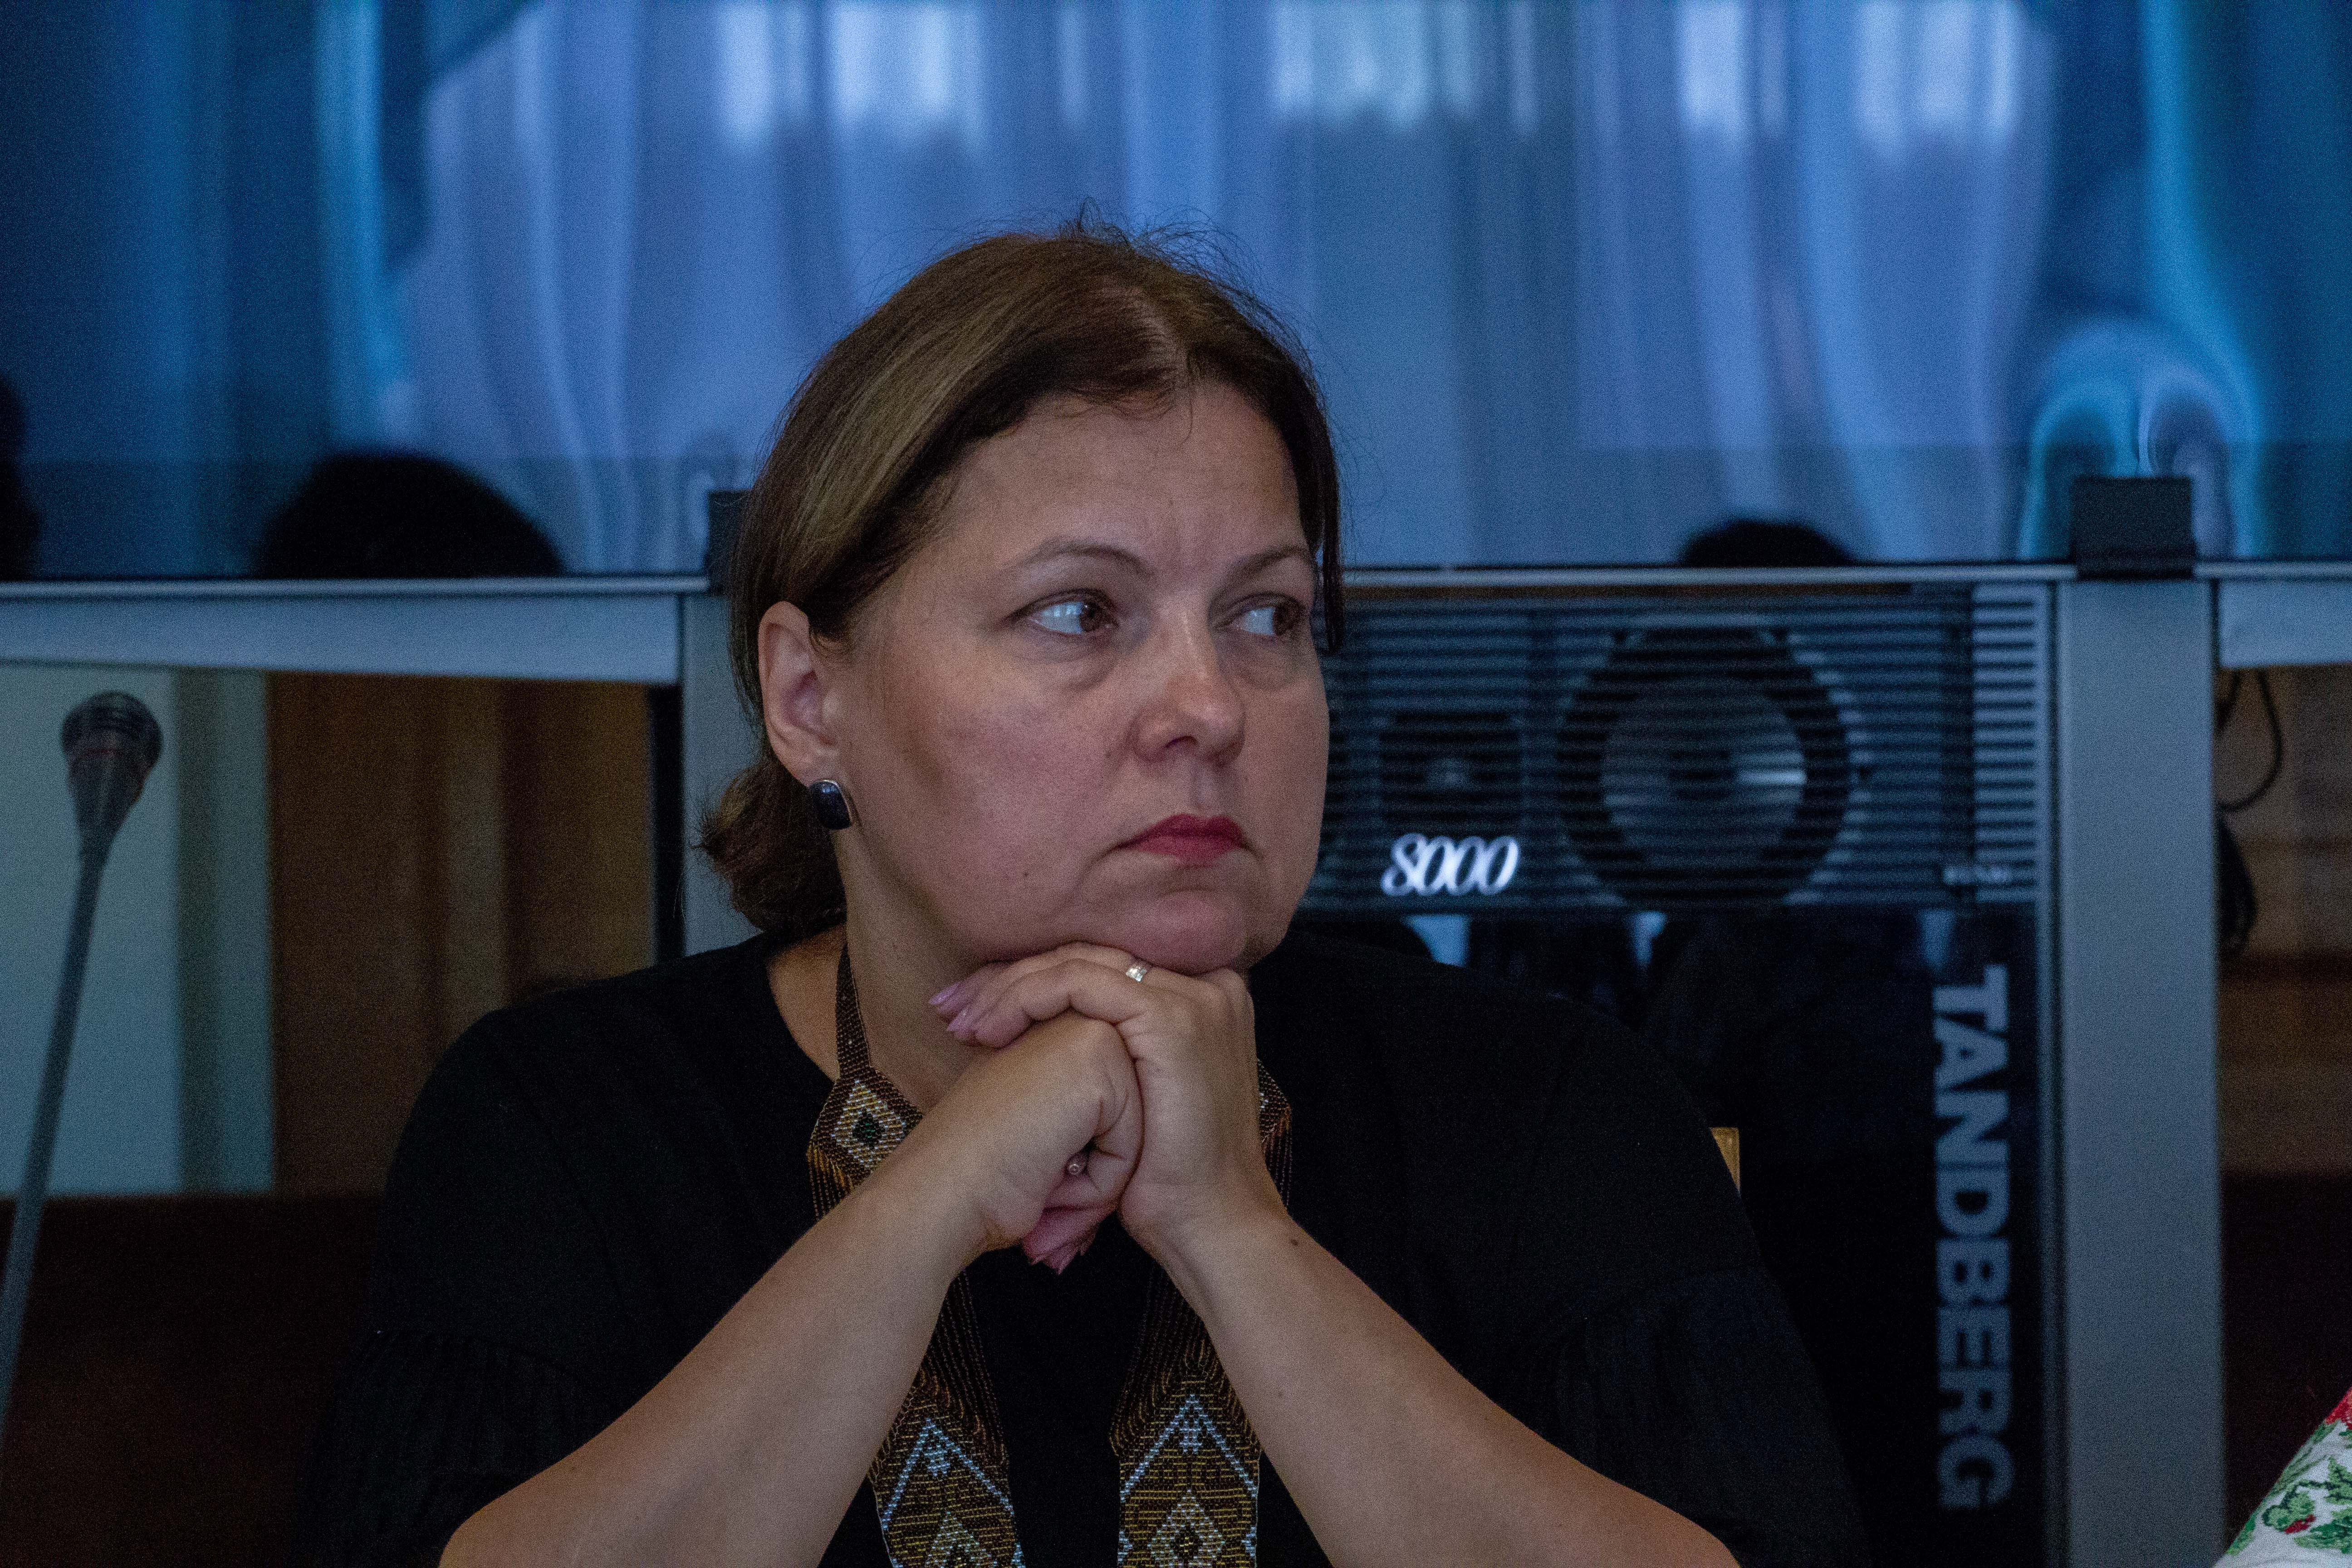 Костянтин Поліщук, прес-служба Міністерства освіти та науки України